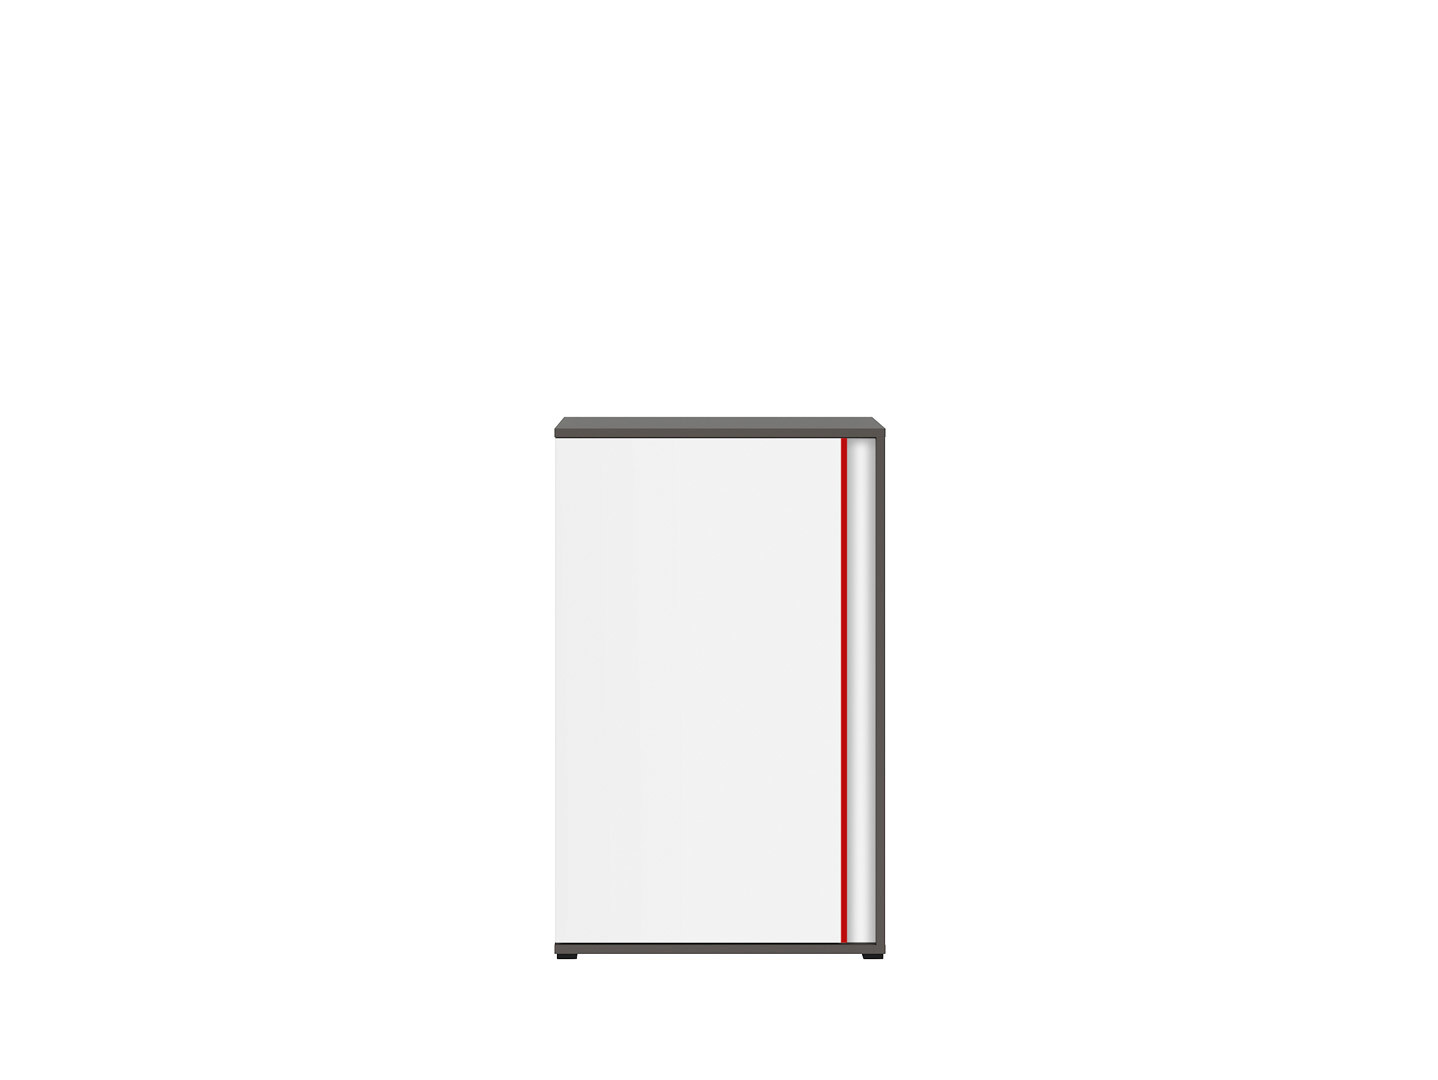 Skrinka GRAPHIC KOM1DL/B sivý wolfram/biely/červený